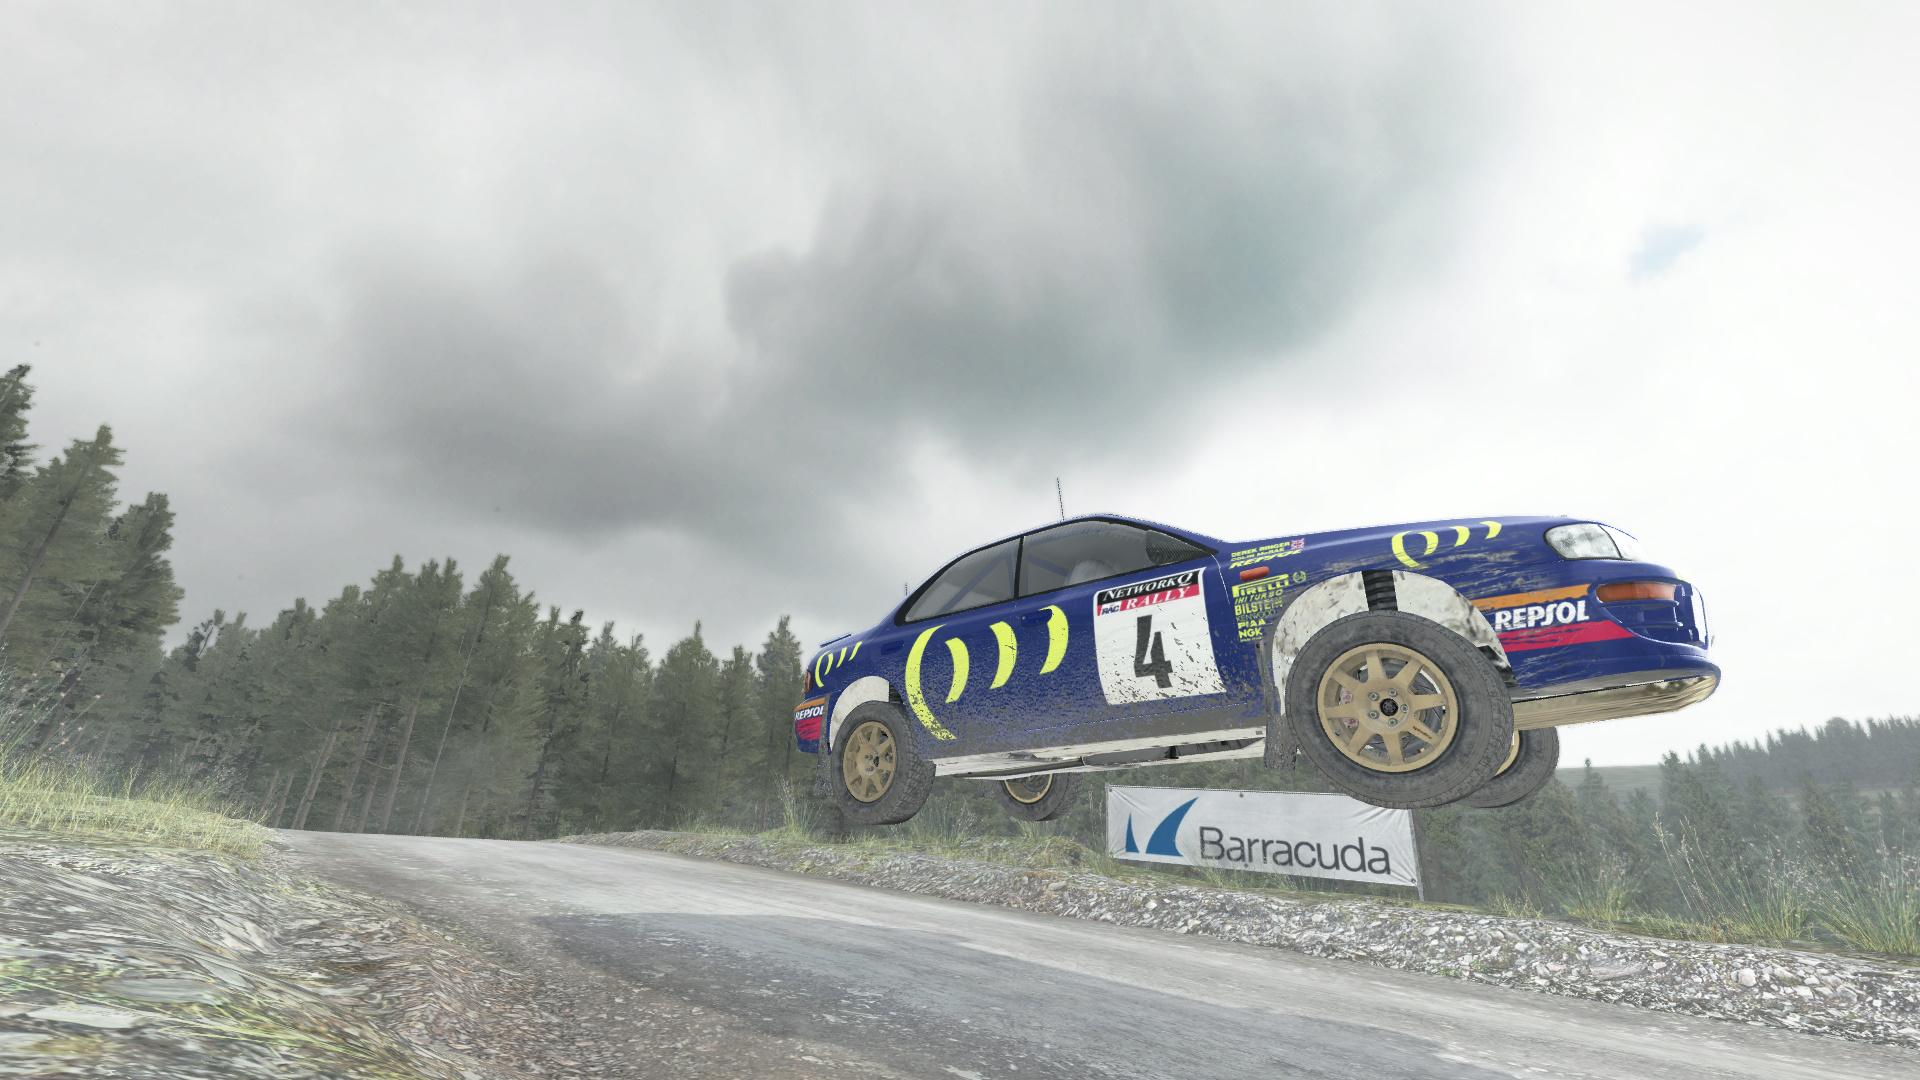 subaru impreza 555 gr a colin mcrae network q rac rally 1995 4k racedepartment subaru impreza 555 gr a colin mcrae